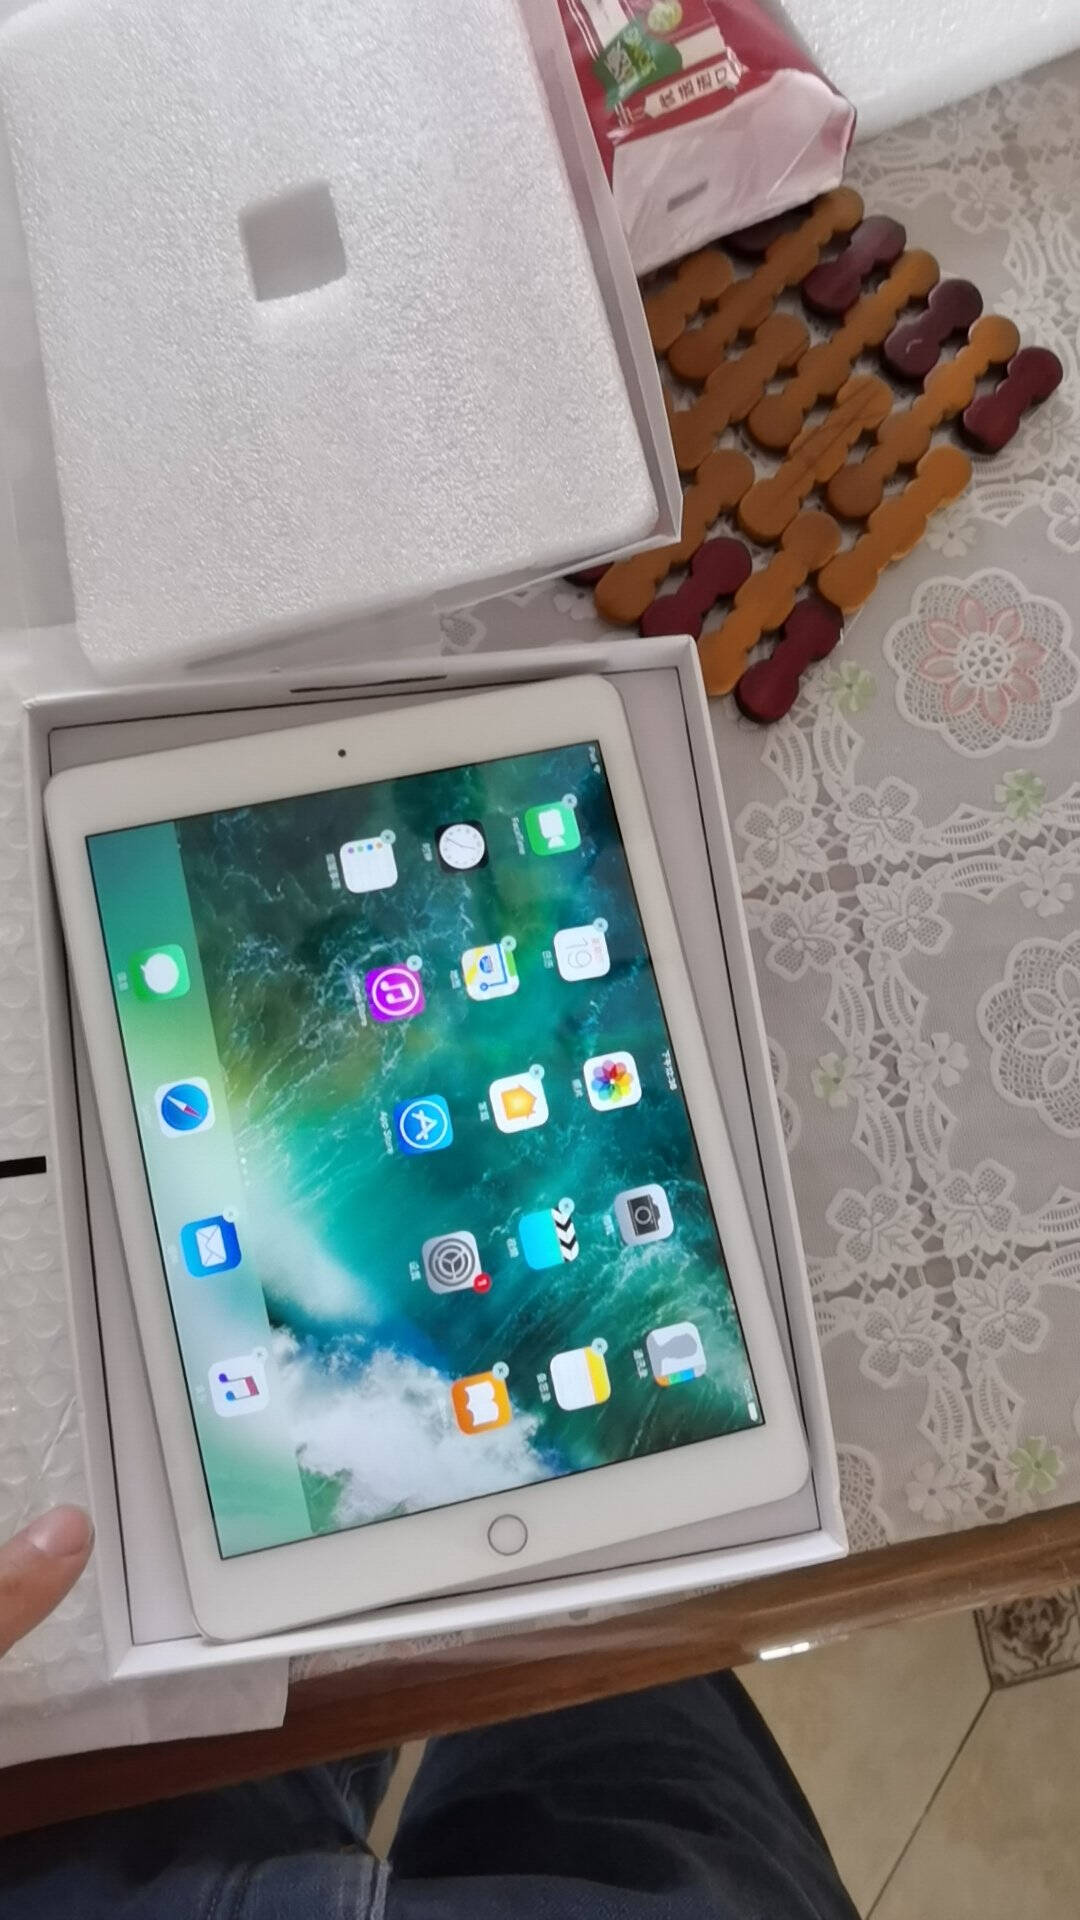 【非原厂物料免费取送】苹果ipad平板麦克风维修ipadair更换麦克风尾插排线排线换新